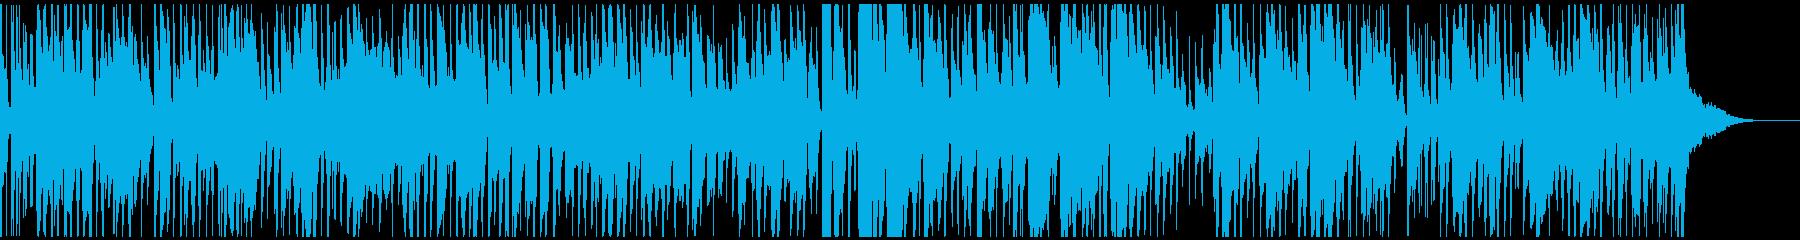 生演奏・渋い大人のアコースティックジャズの再生済みの波形